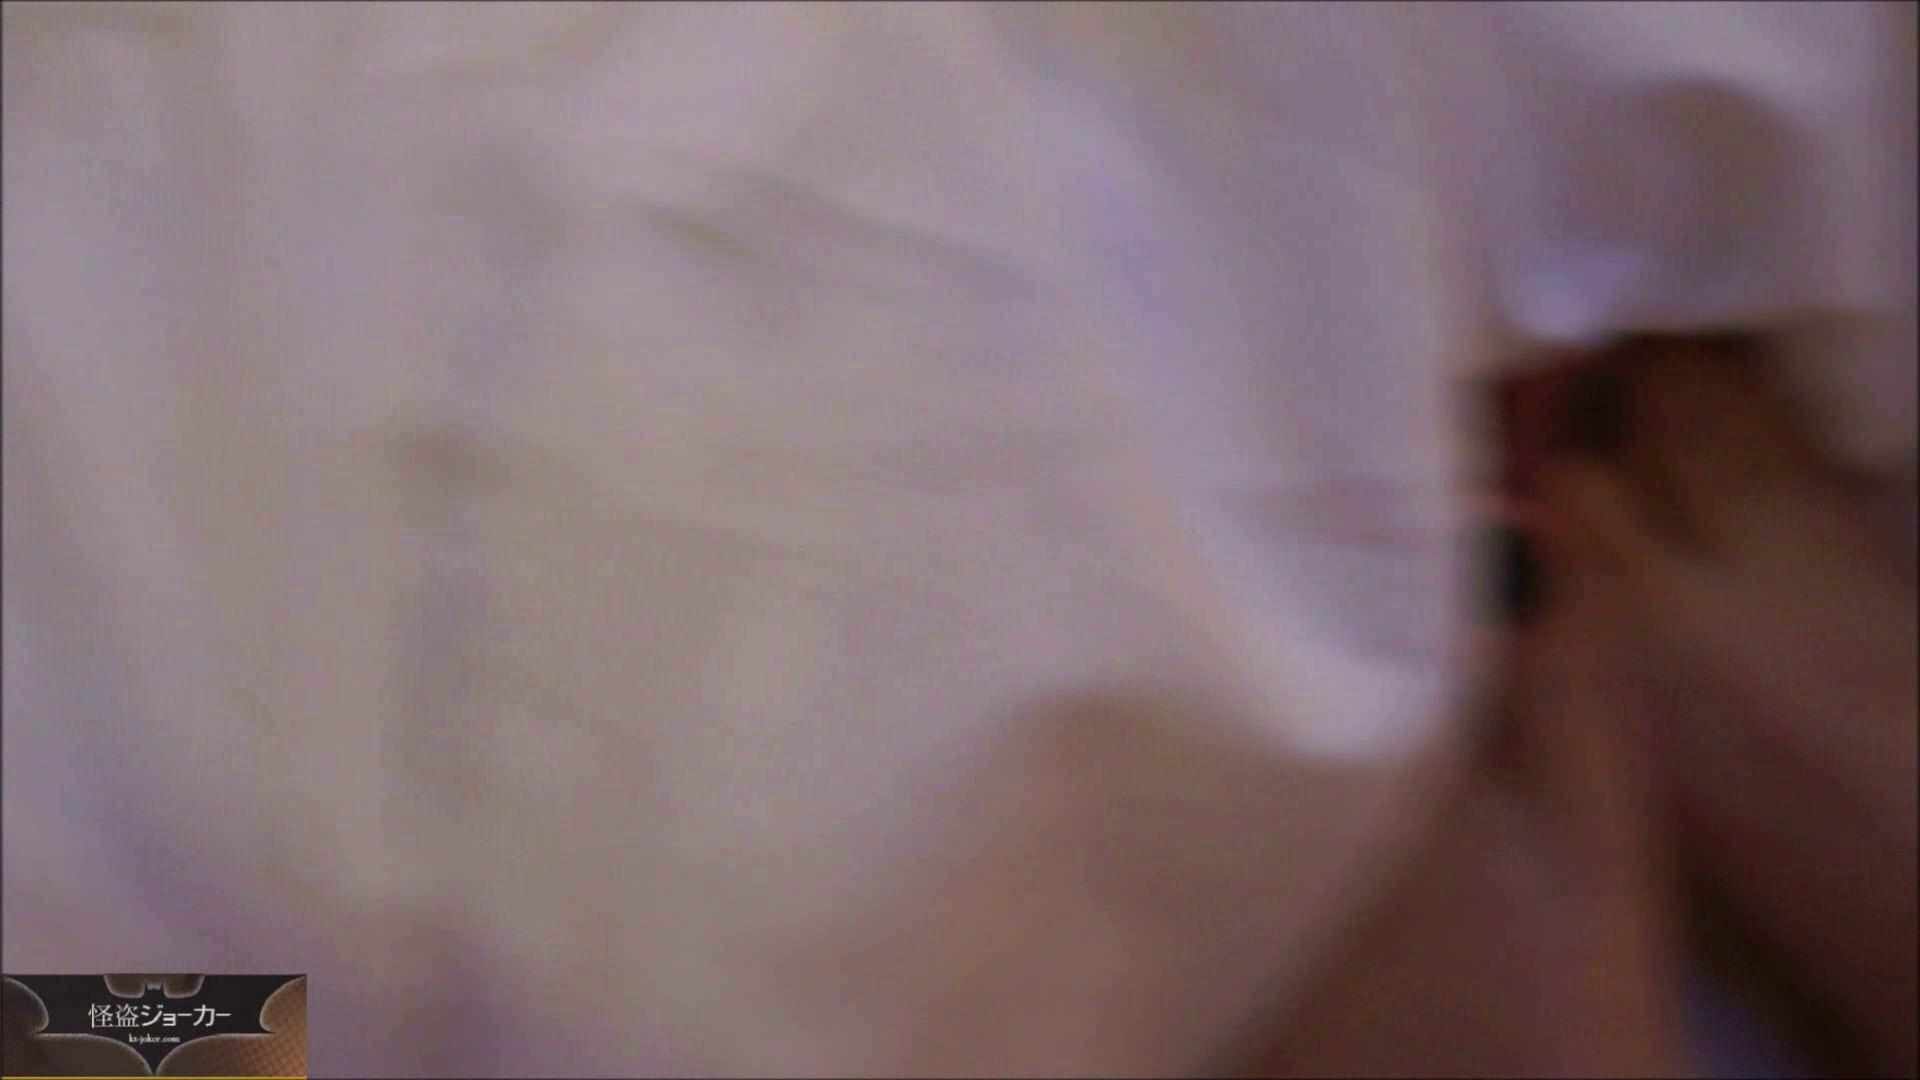 【未公開】vol.35 遂に小春ちゃんとも・・・従順に、体を委ねて。 丸見え ワレメ無修正動画無料 107画像 36